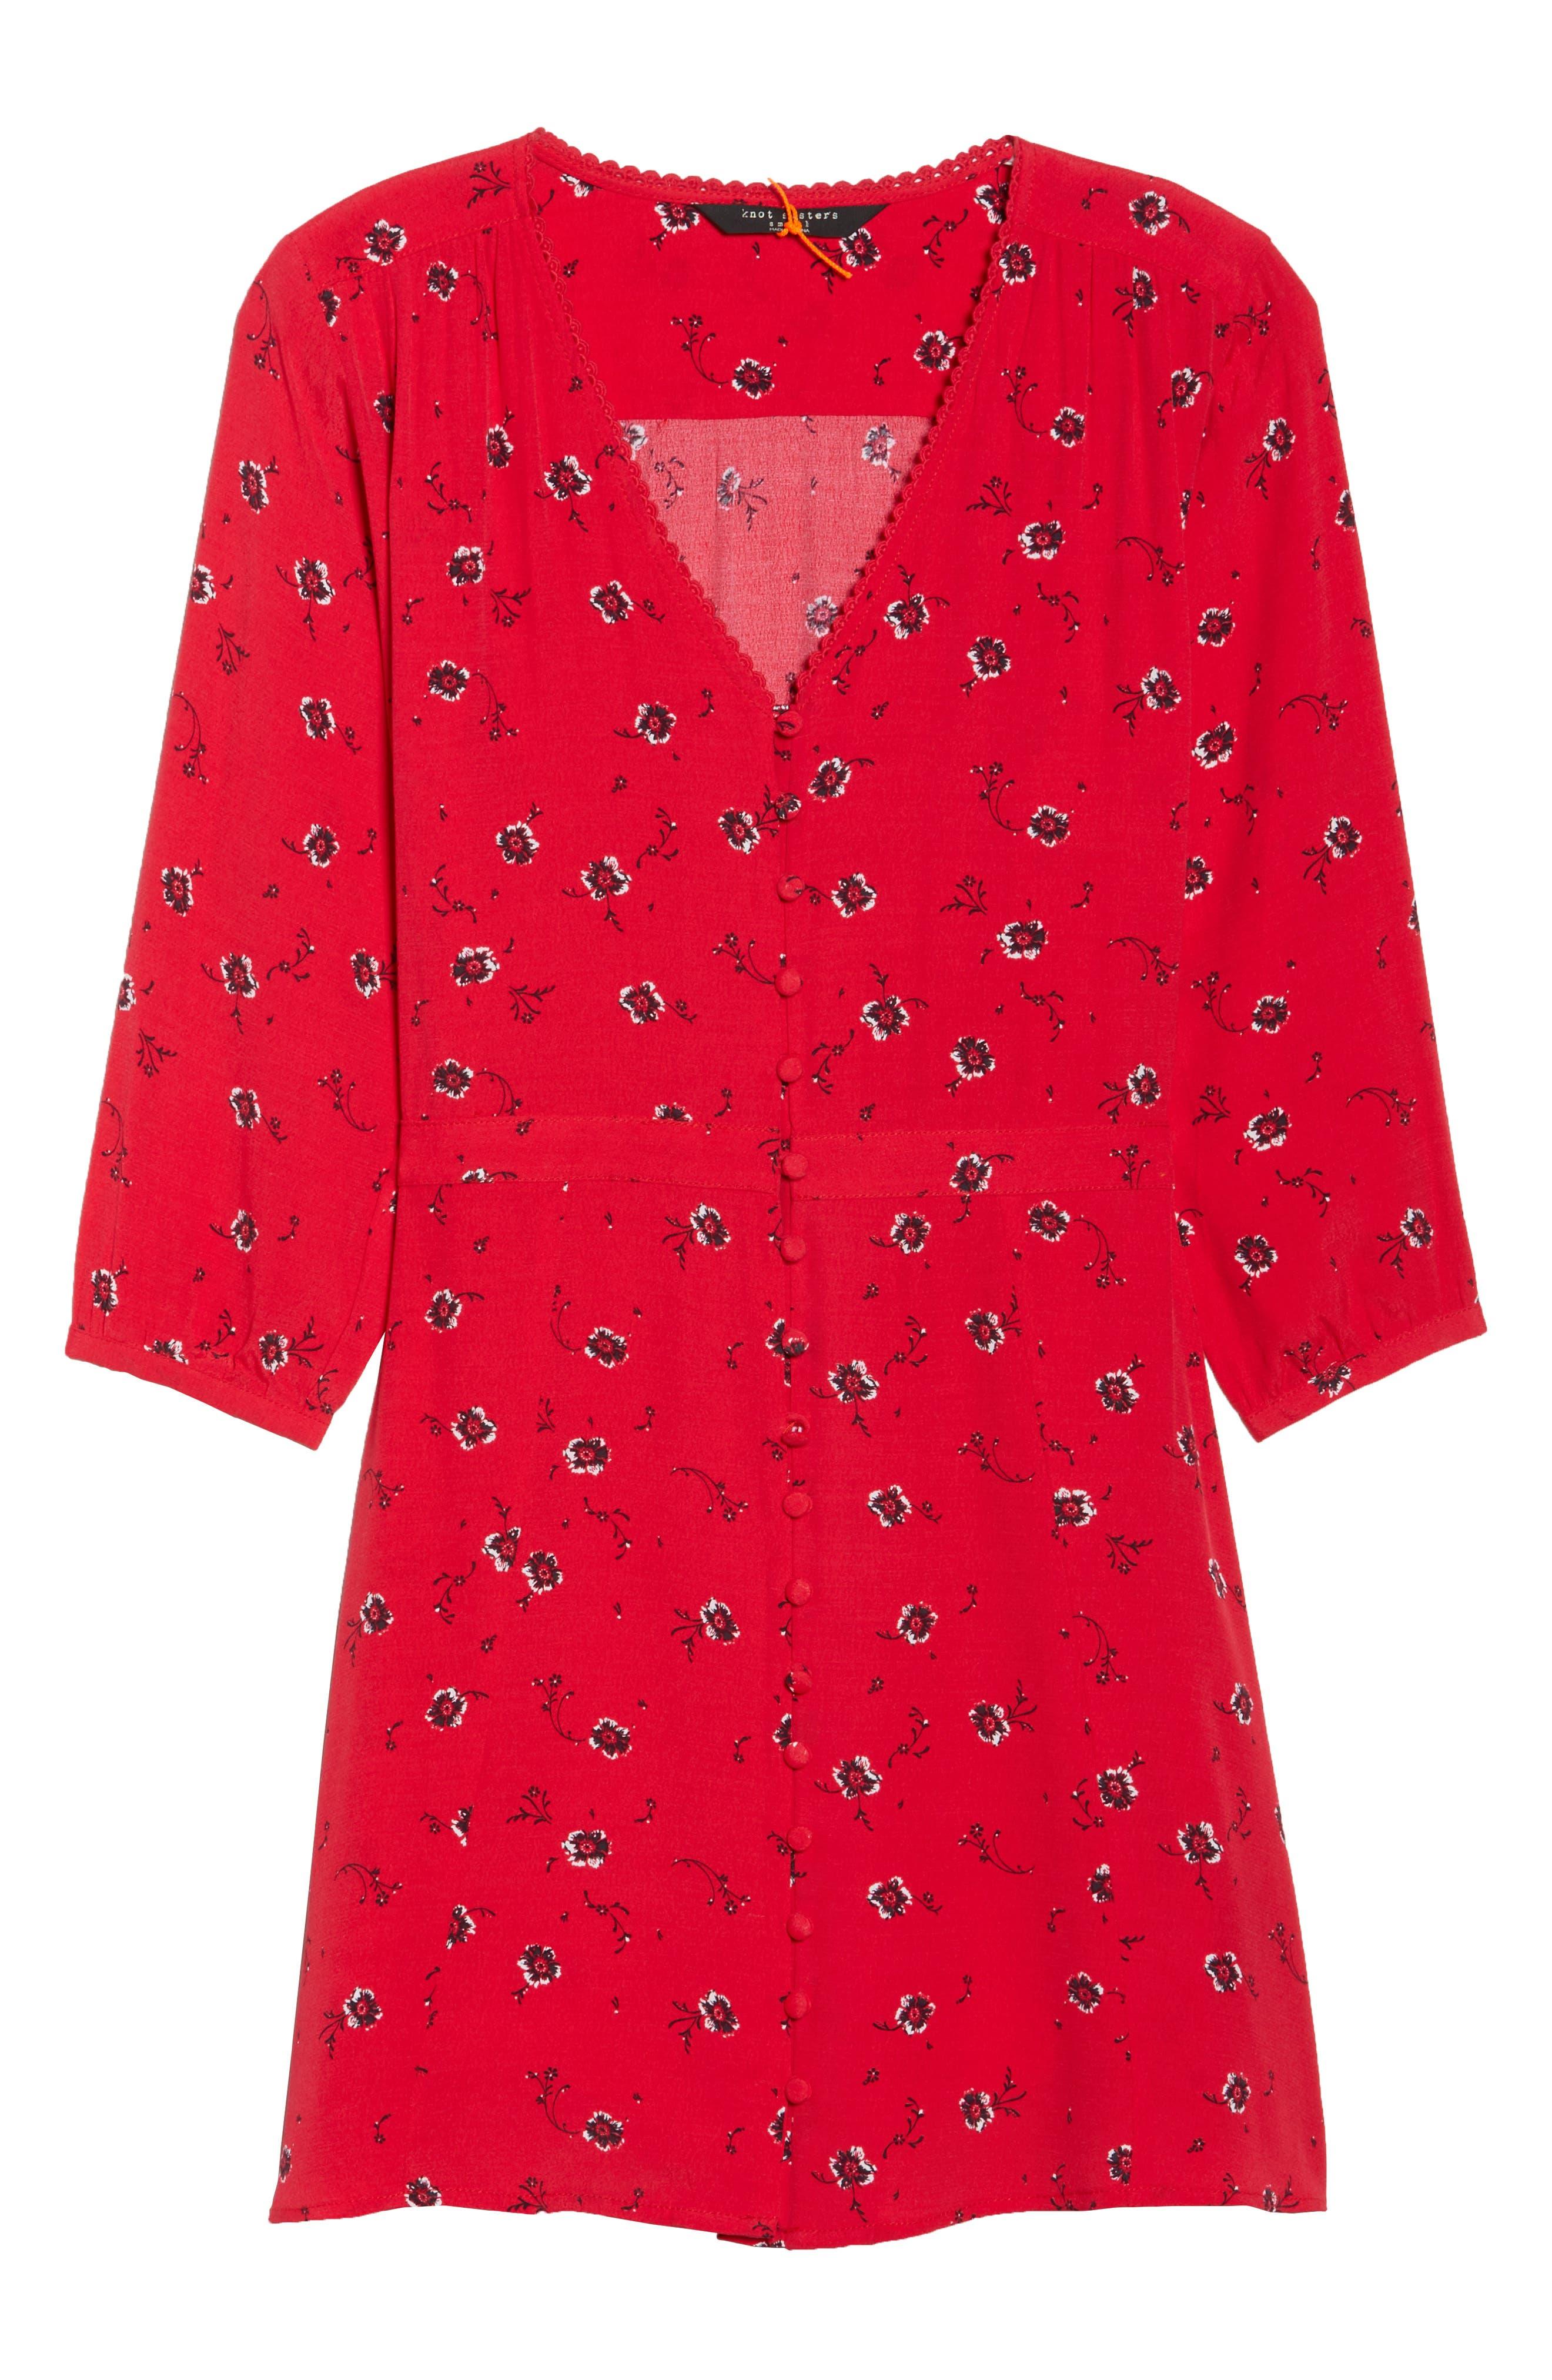 Luella Floral Print Dress,                             Alternate thumbnail 7, color,                             650